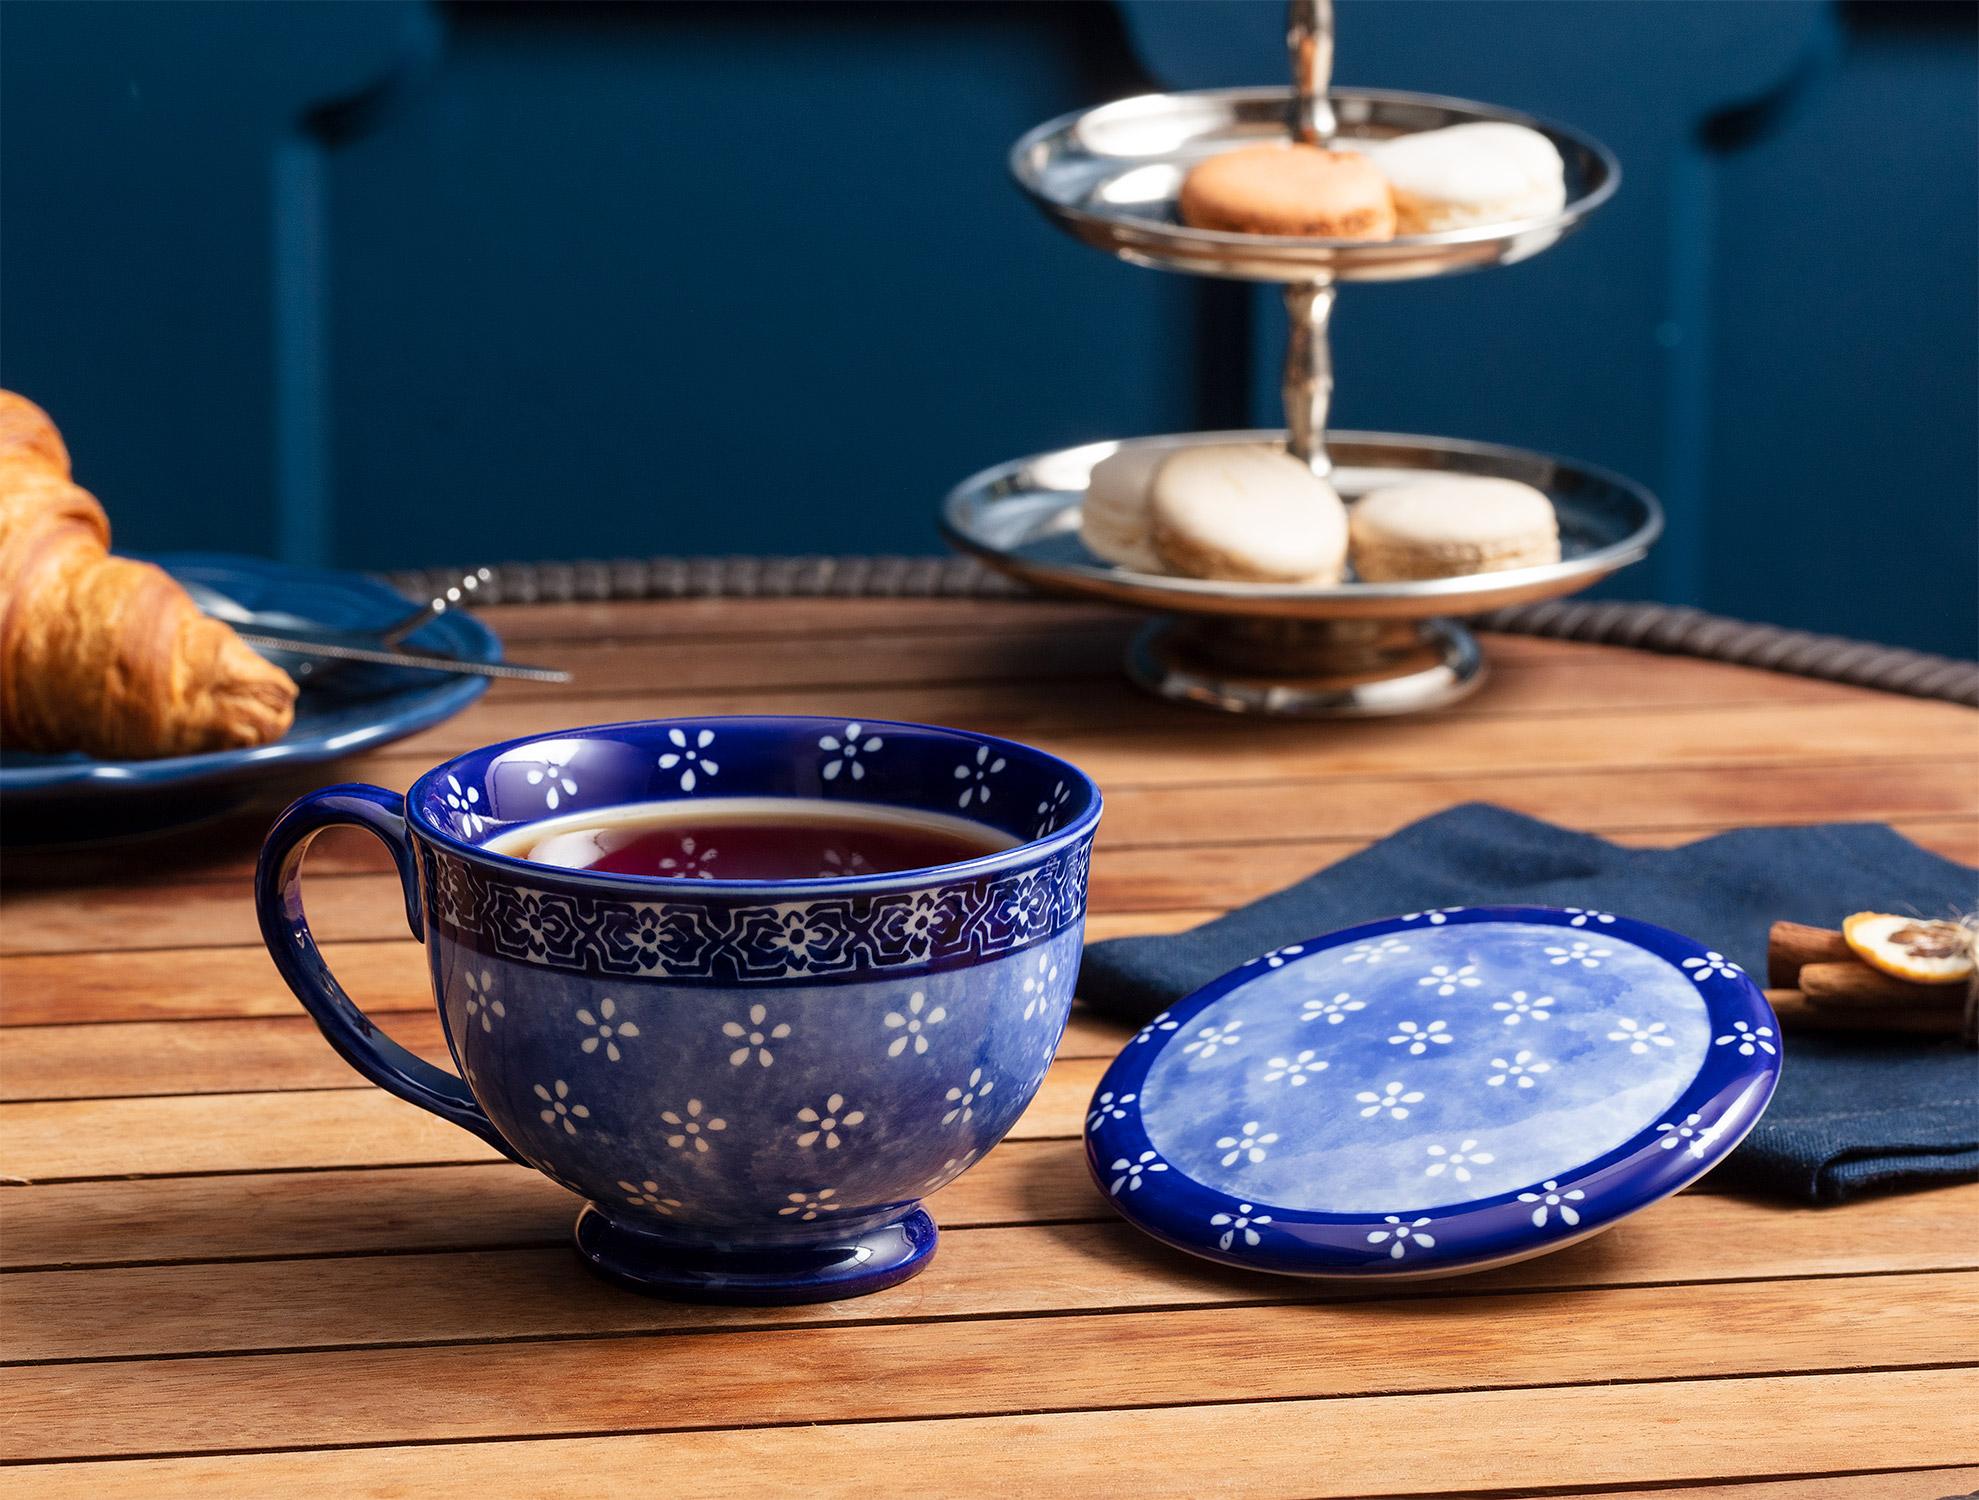 Rêve Kapaklı Çay Fincanı